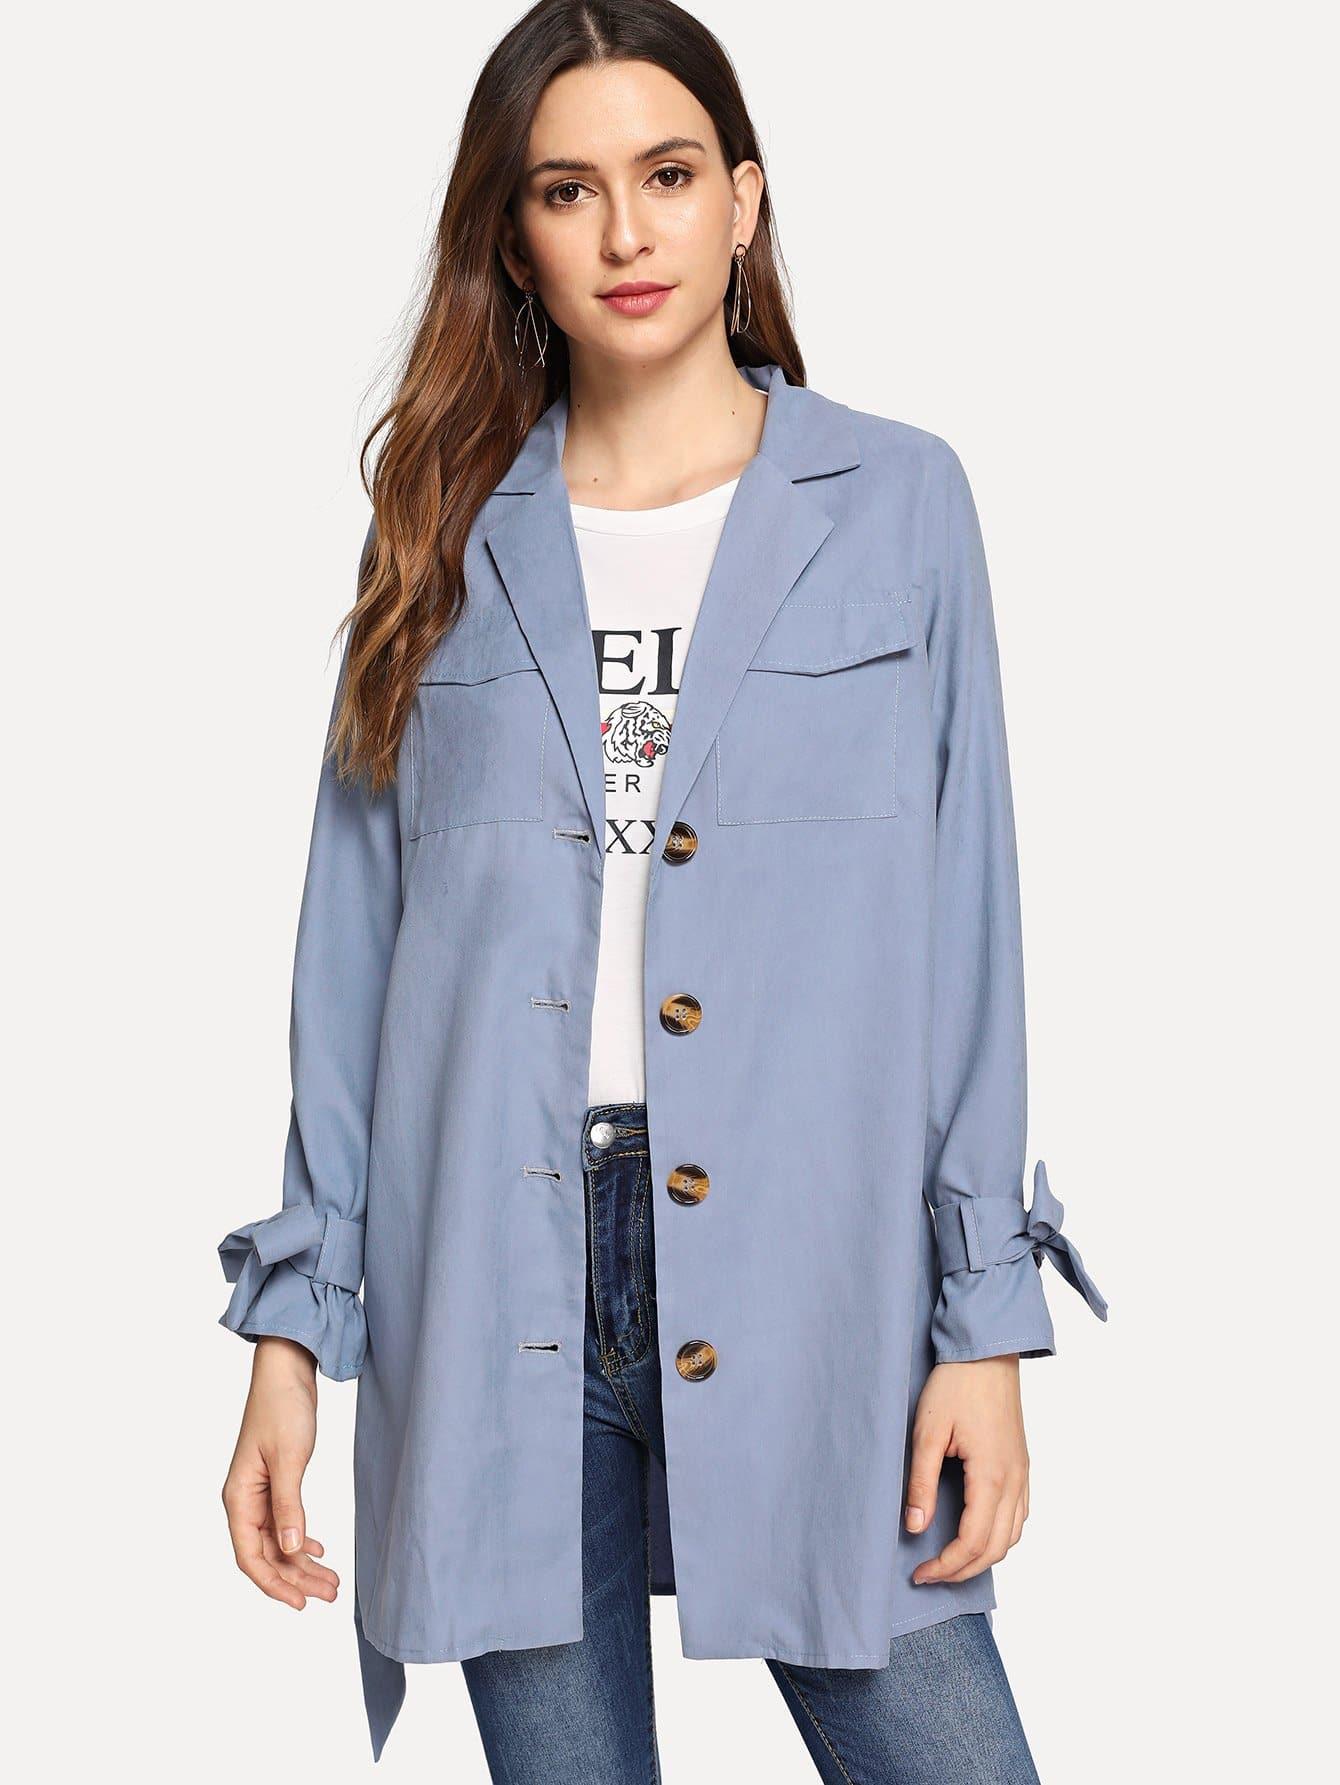 Однобортное пальто с поясом и отверстие рукава с бантом, Jana, SheIn  - купить со скидкой